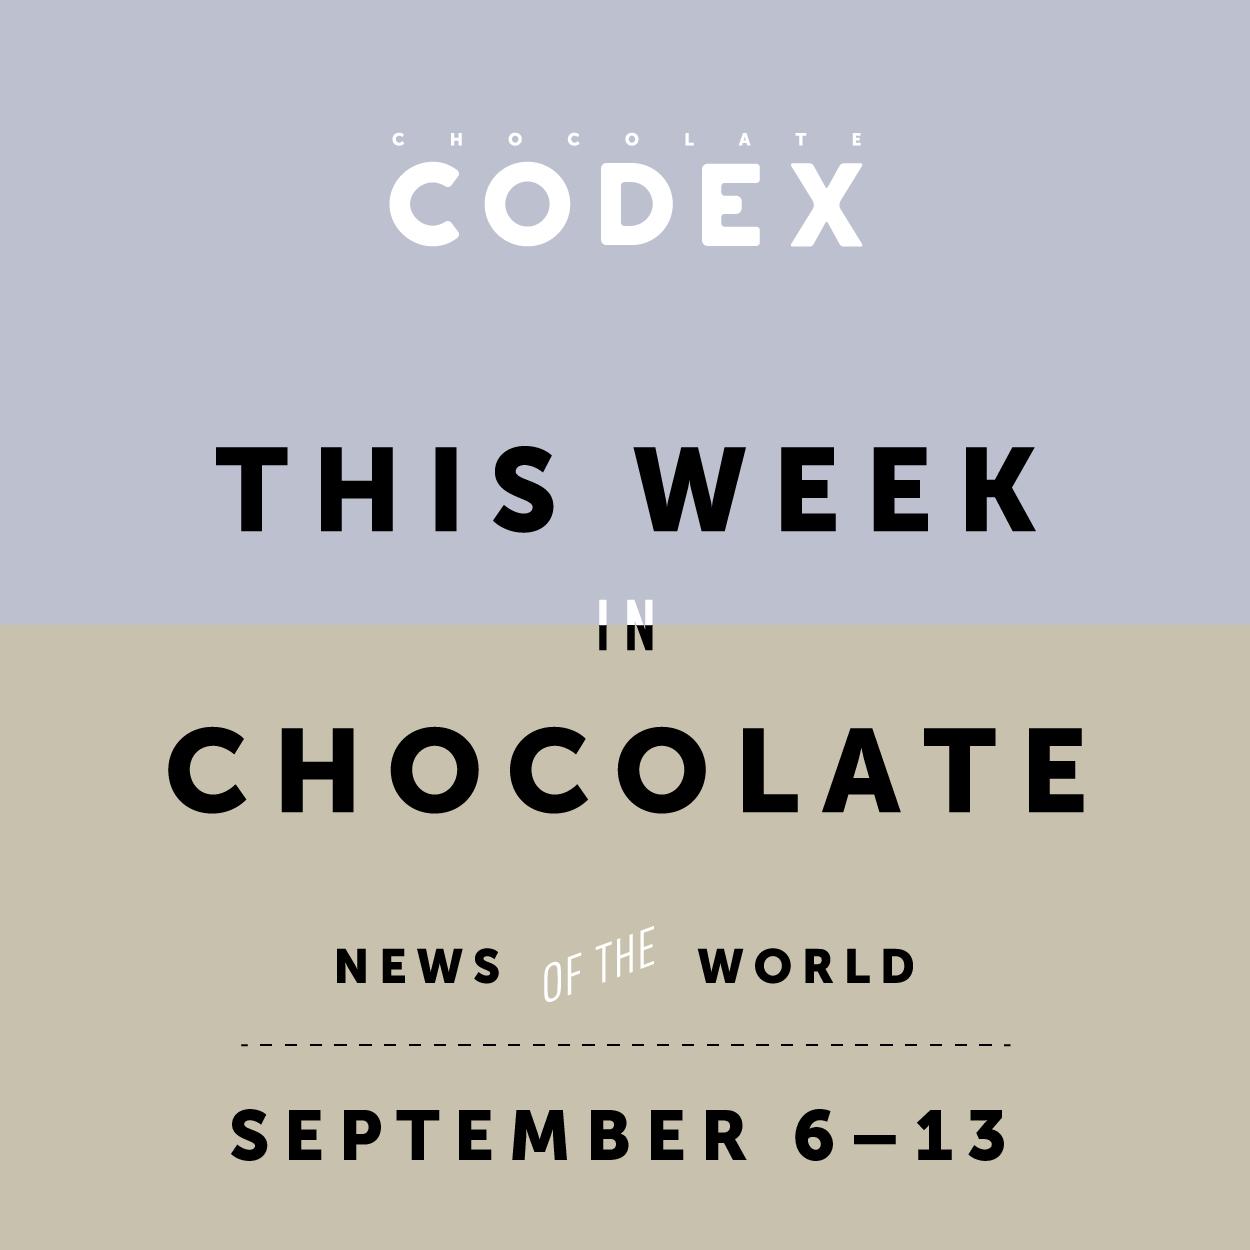 ChocolateCodex_ThisWeek_Chocolate_News_Week37-01